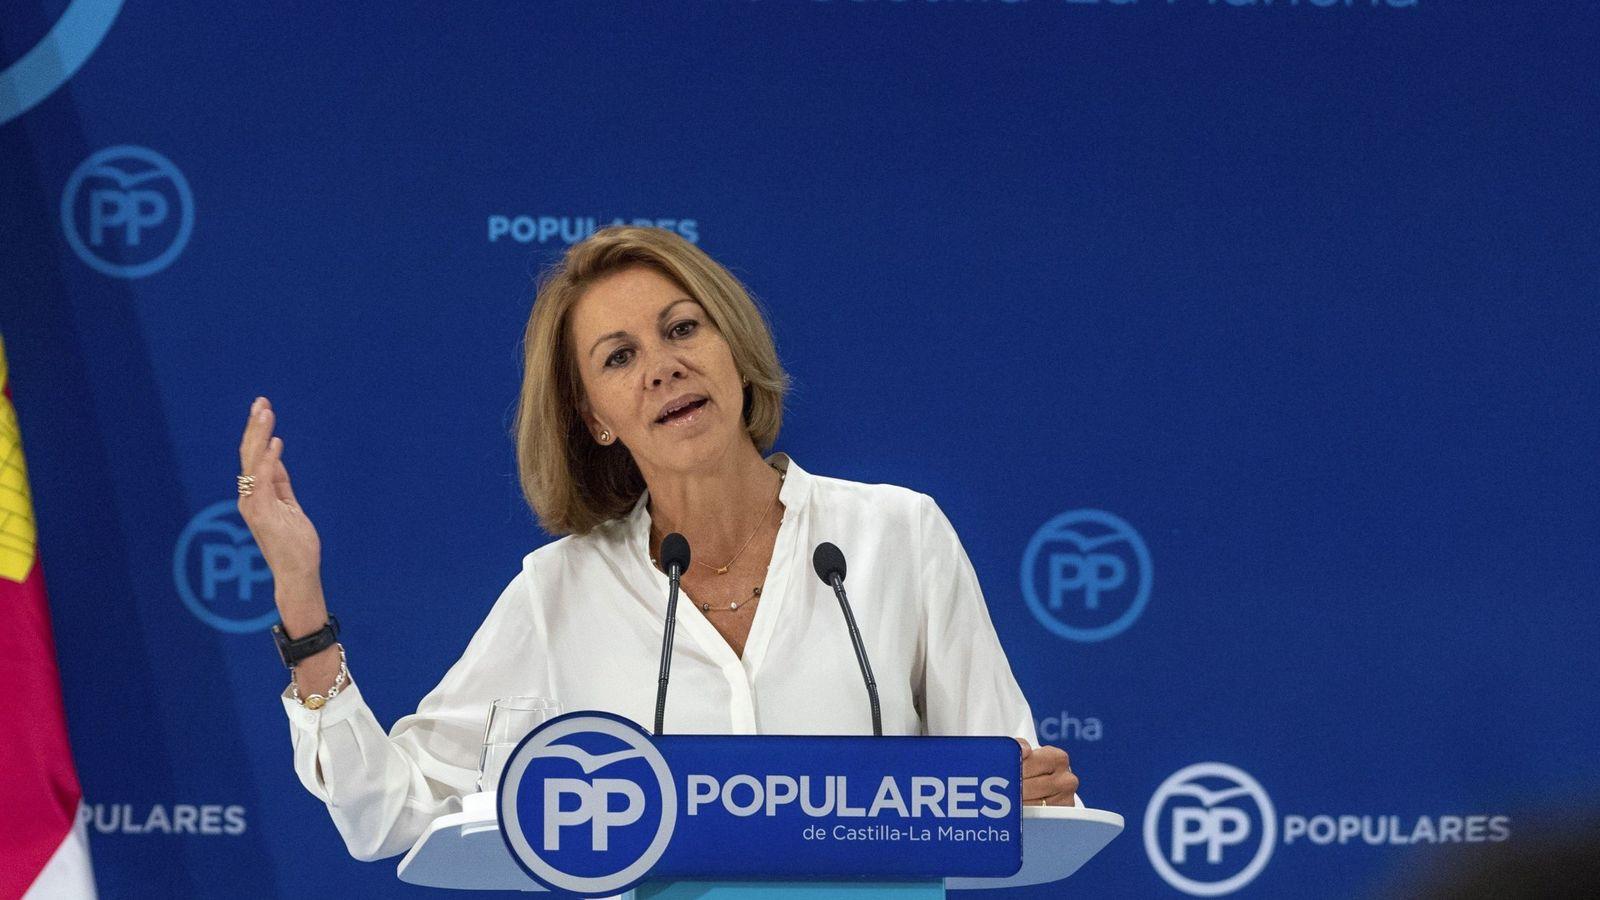 Foto: María Dolores de Cospedal, el pasado 7 de septiembre cuando dejó la presidencia del PP castellano-manchego. (EFE)